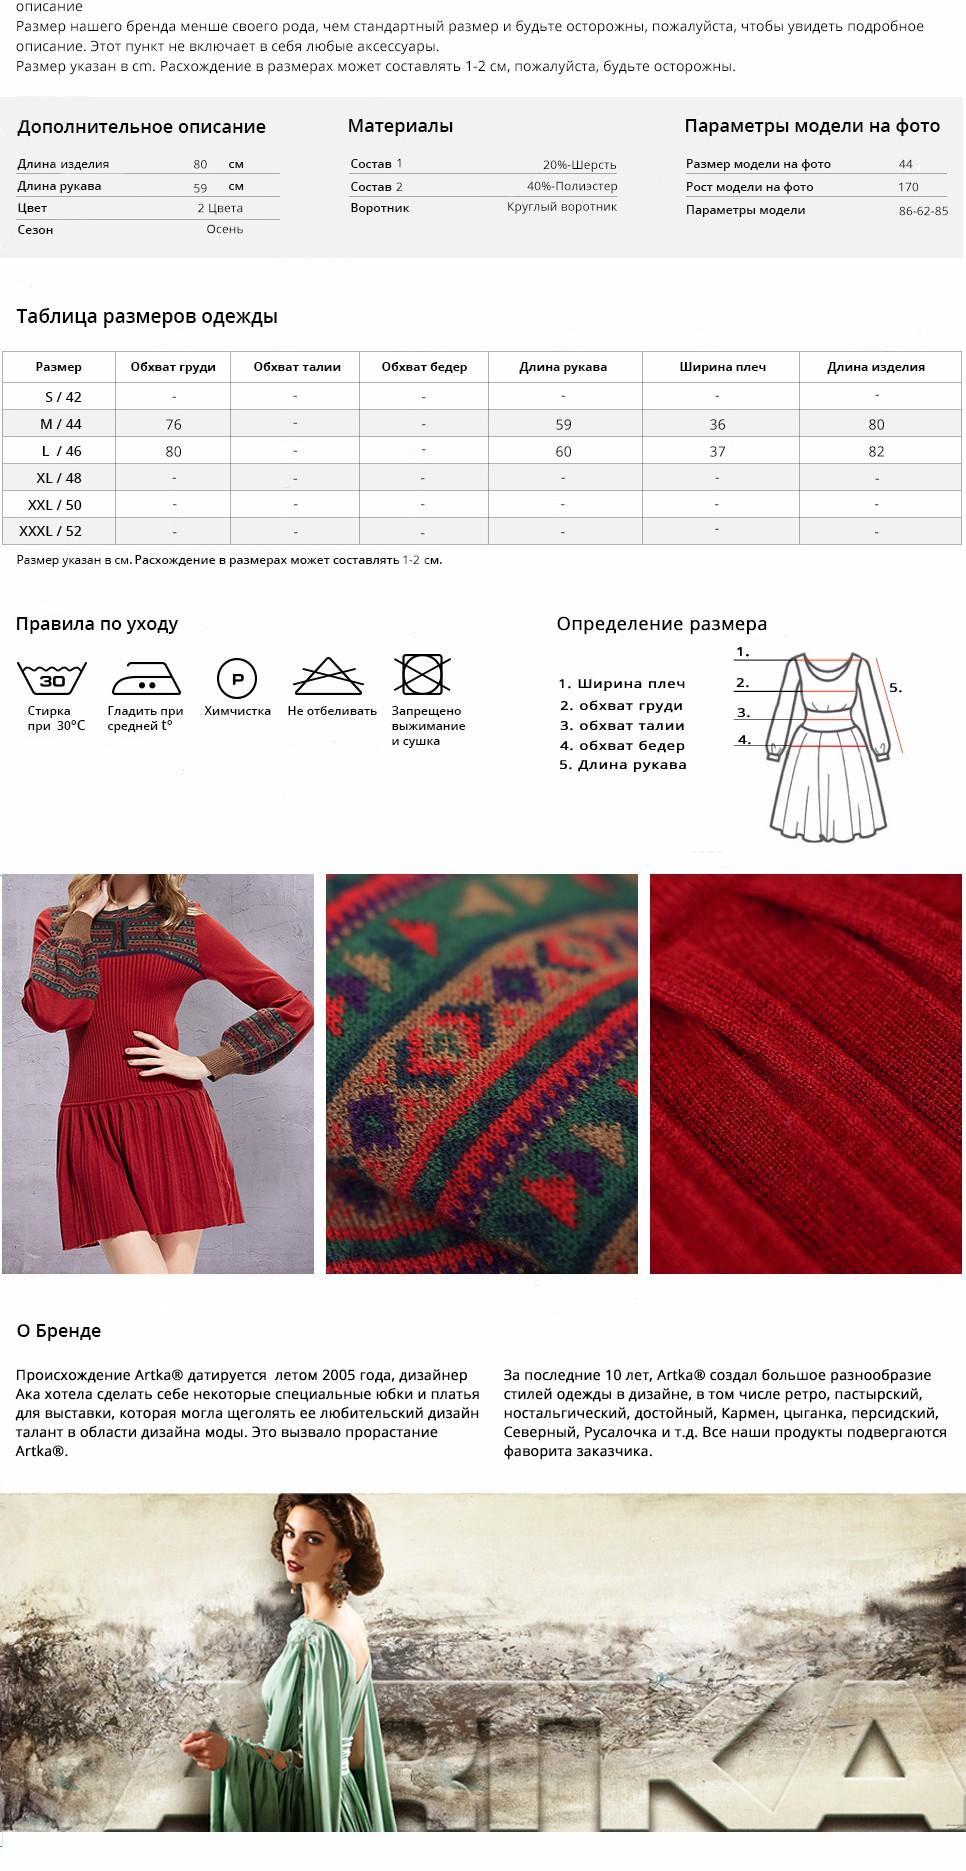 artka ретро женская осеняя одежда круглым воротником с длиным рукавом удобное приталенное высококачественное элегантное длиное шерстяное платье lb15838d